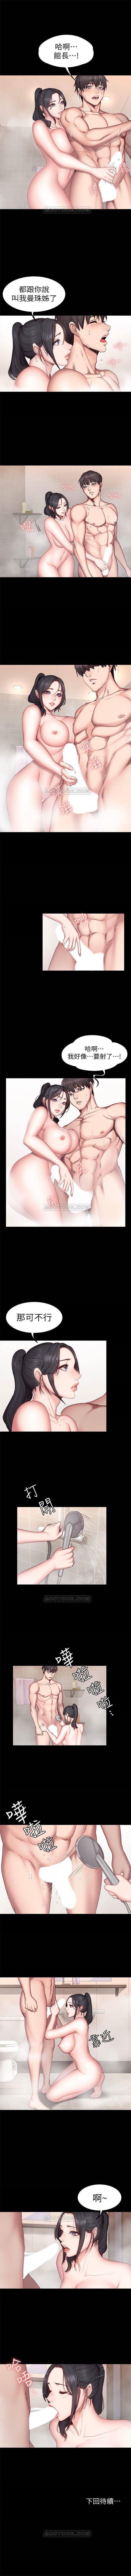 (週3)健身教練 1-37 中文翻譯 (更新中) 199